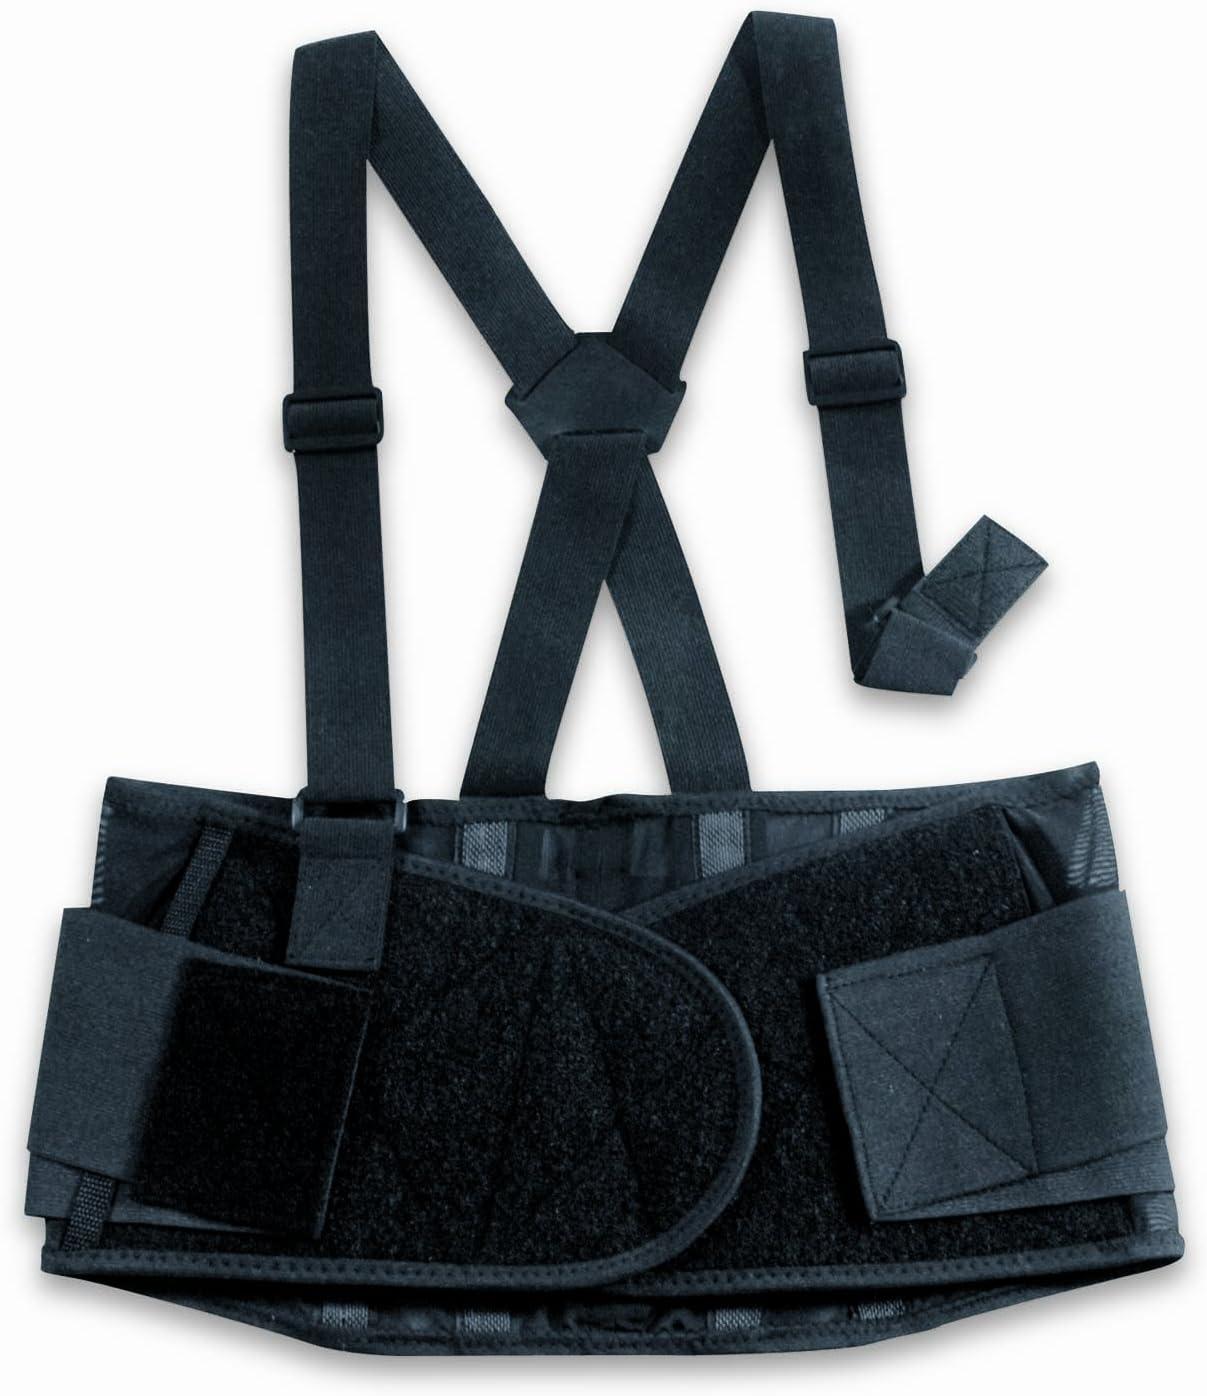 Valeo Premium - Cinturón elástico estándar de 22,86 cm